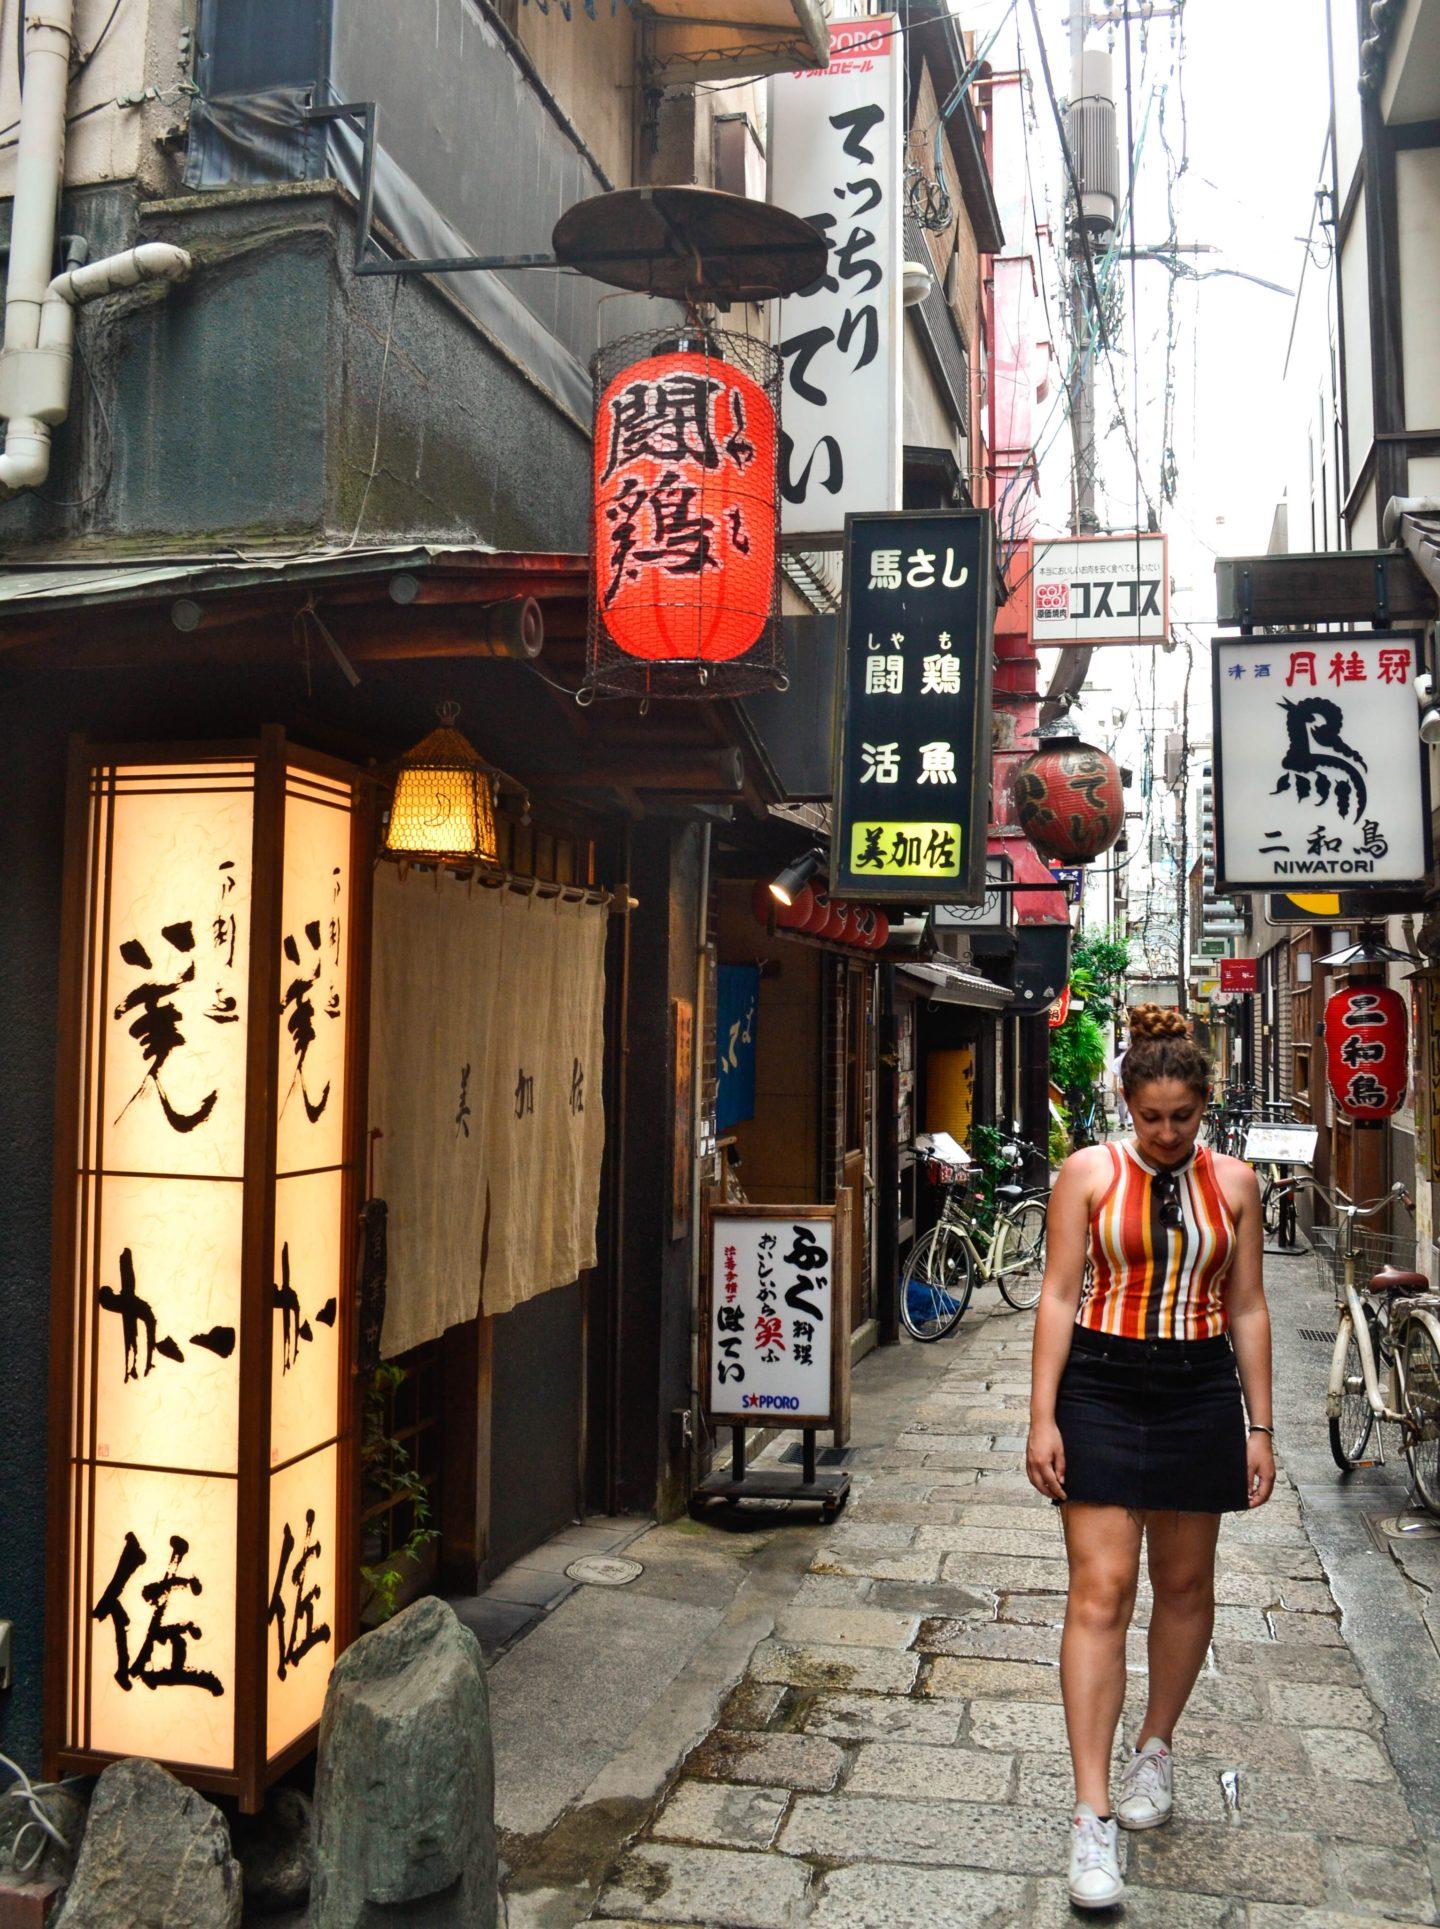 ragazza in piccolo vicolo giapponese